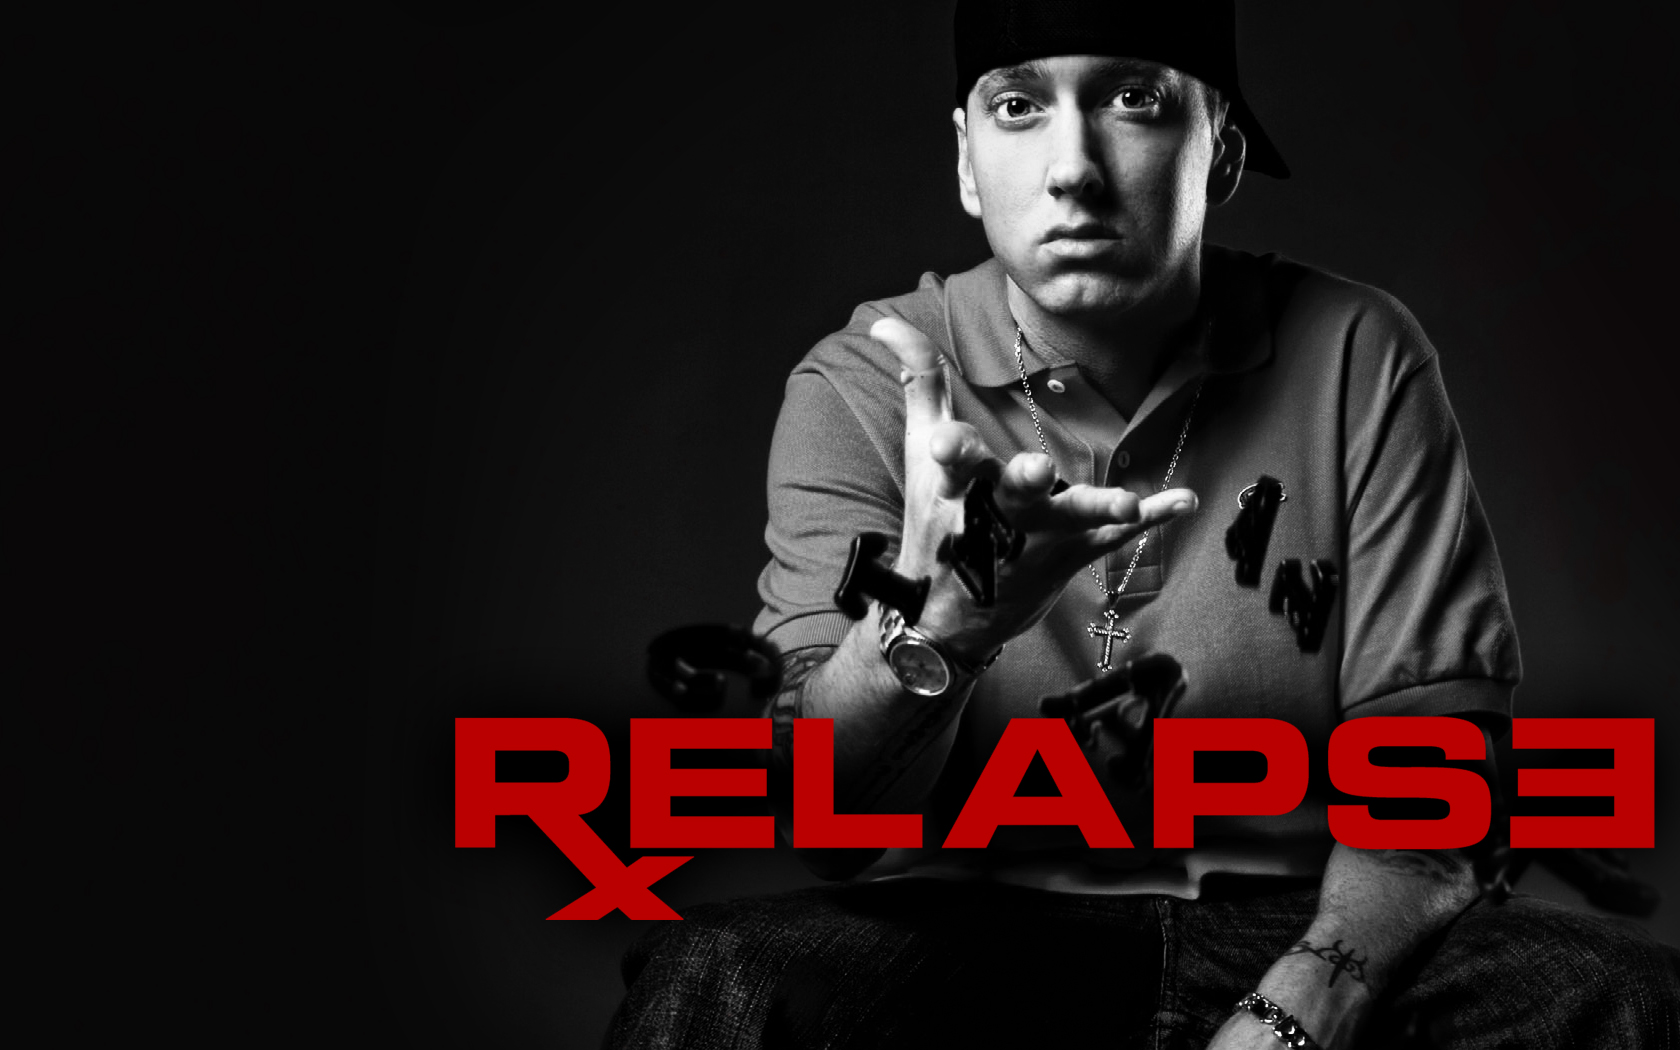 22 Eminem Relapse Wallpaper On Wallpapersafari